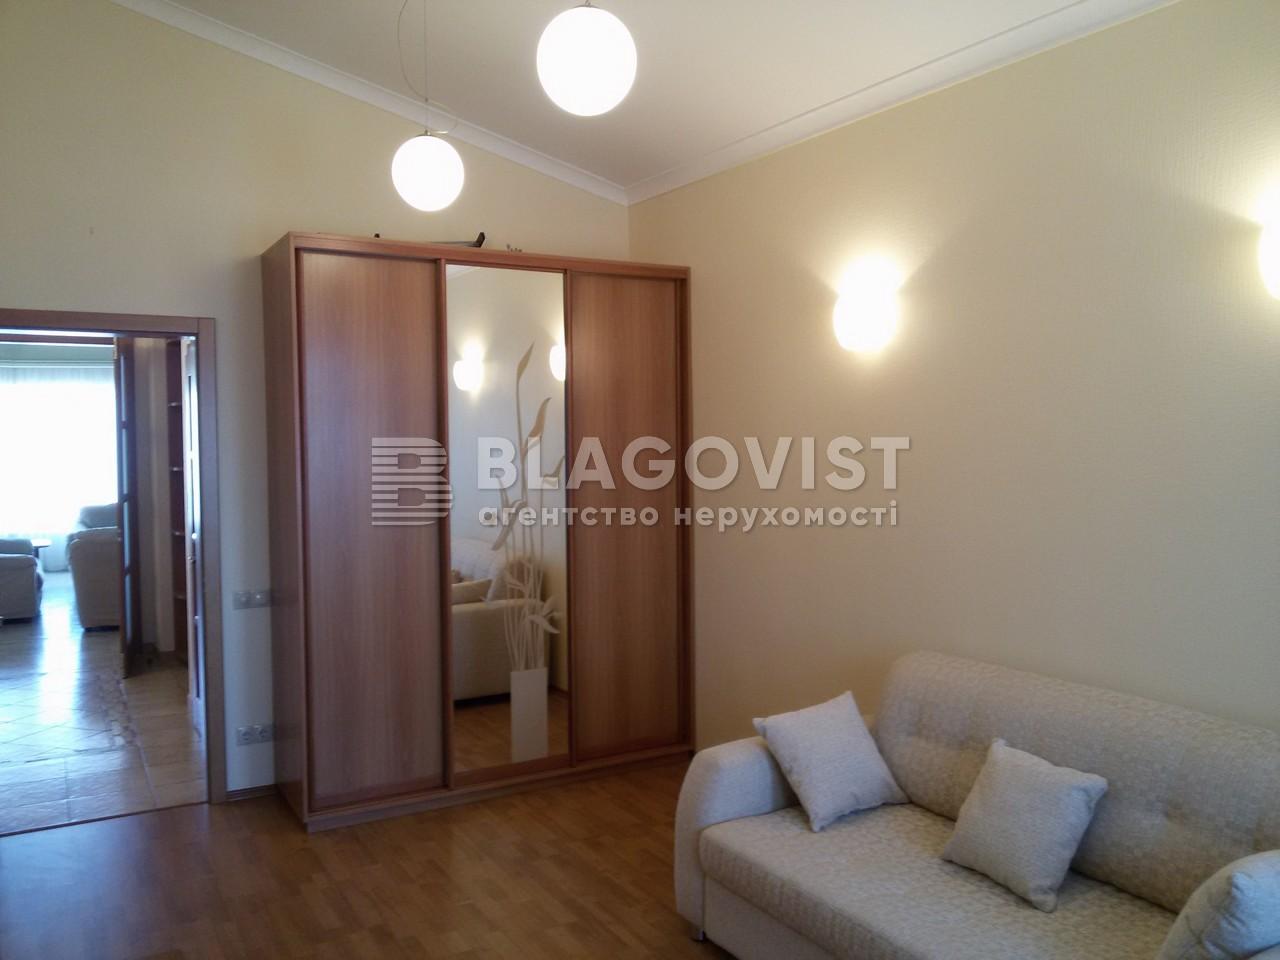 Квартира R-7966, Кирилловская (Фрунзе), 14/18, Киев - Фото 10